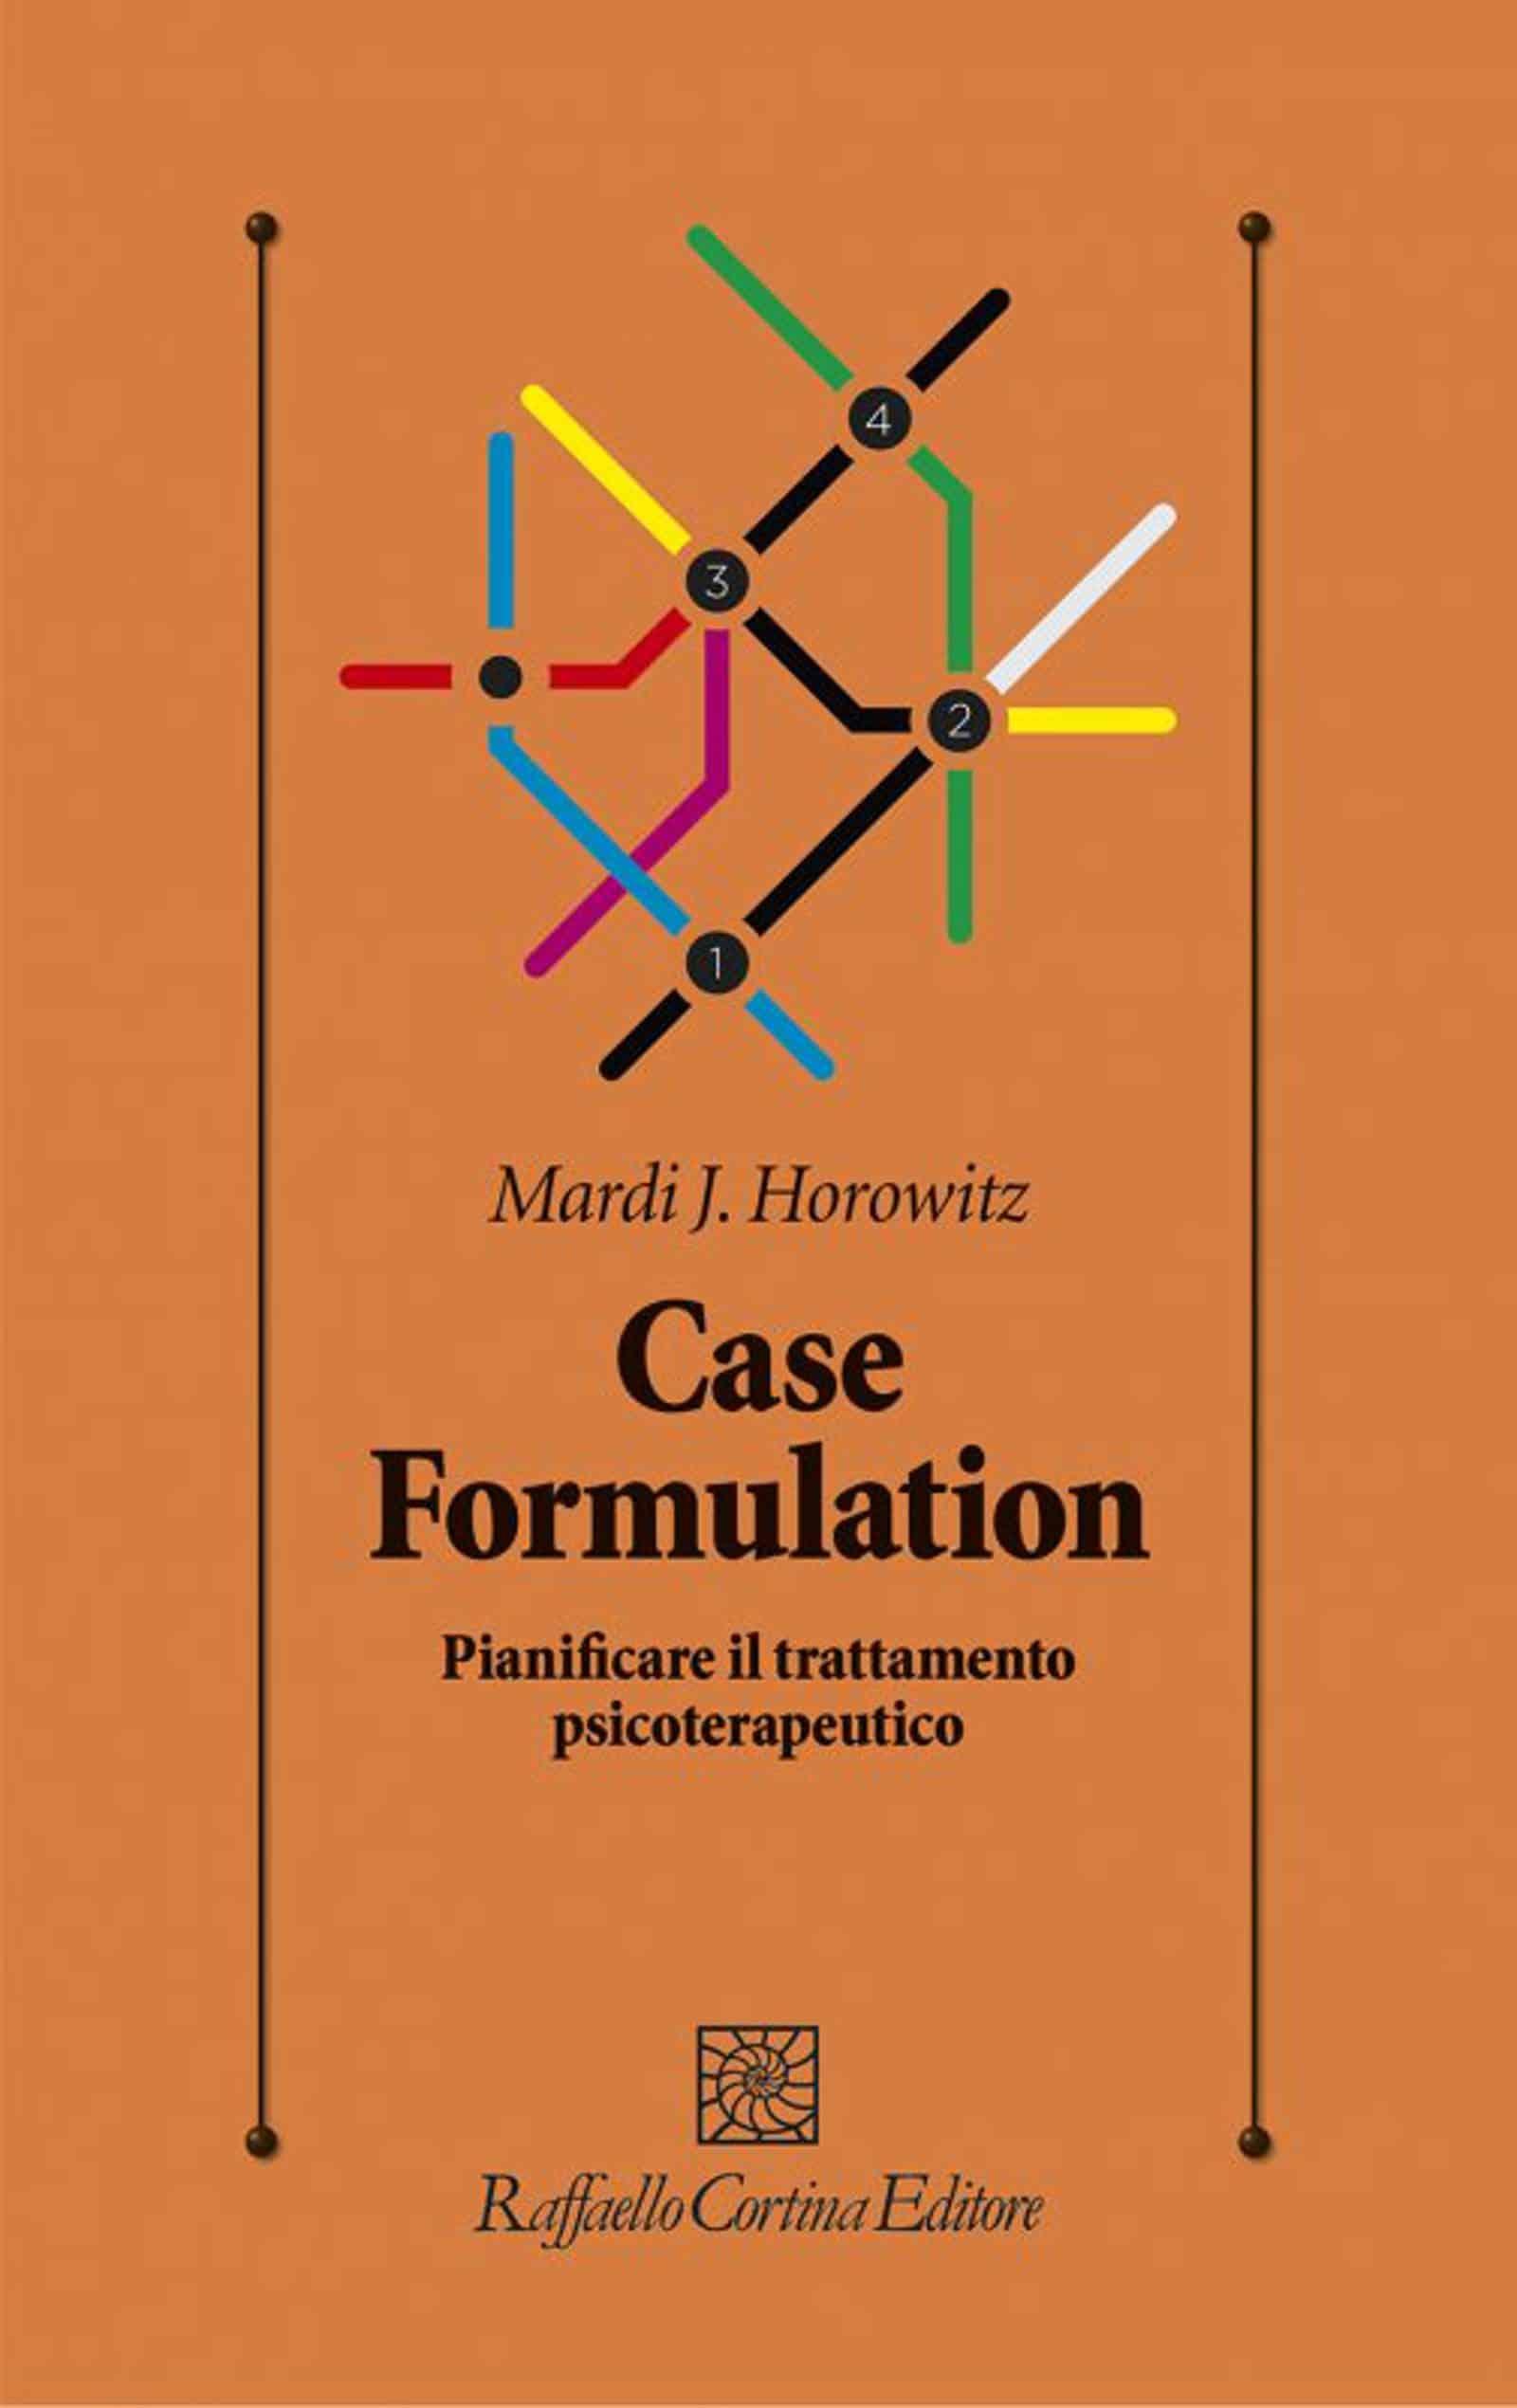 Case Formulation. Pianificare il trattamento psicoterapeutico, di Mardi J. Horowitz – Recensione del libro